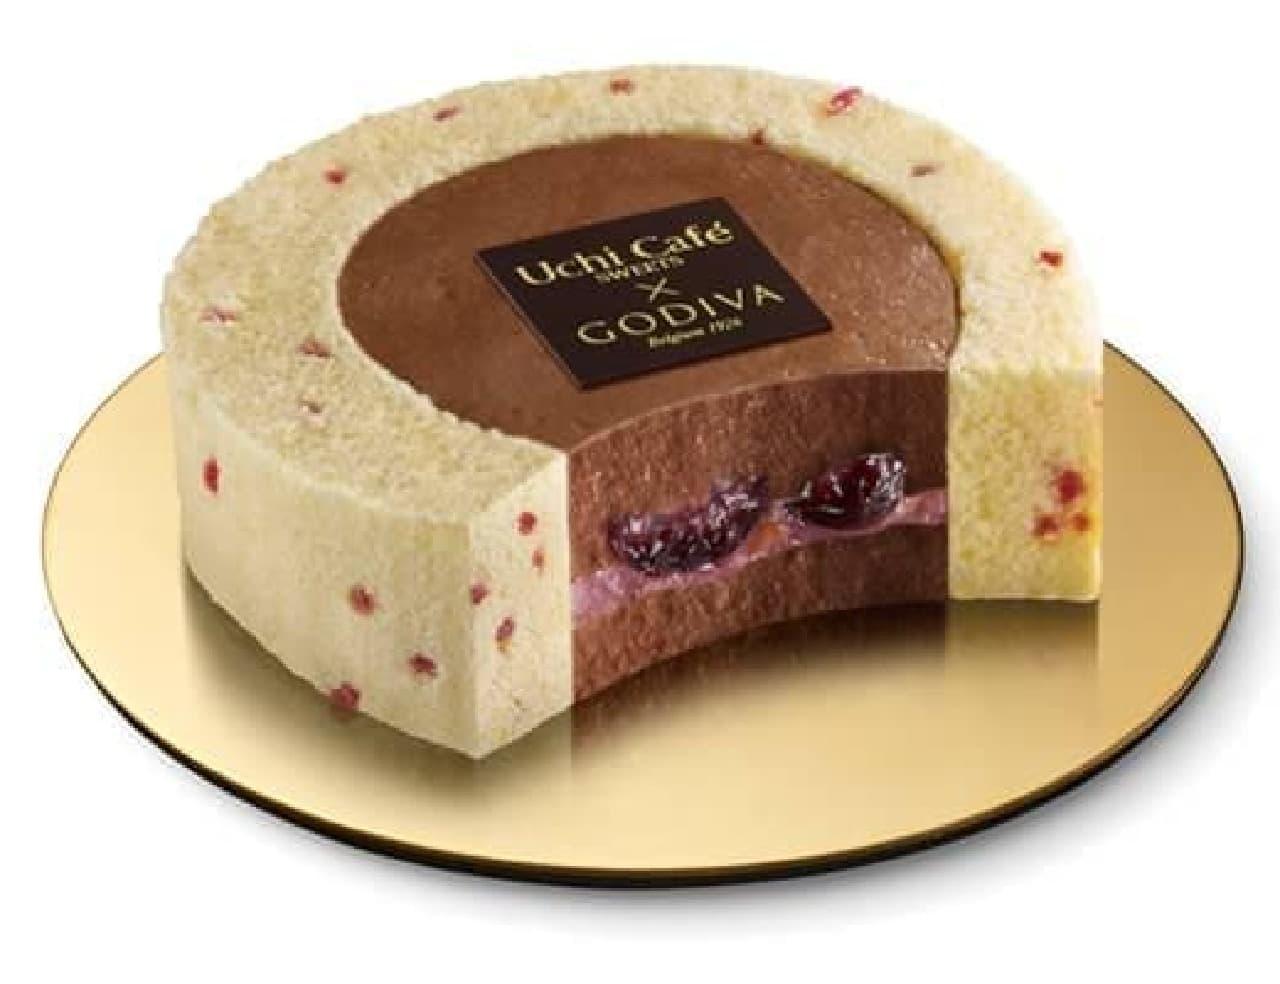 ローソン「Uchi Cafe×GODIVA チェリーショコラロールケーキ」